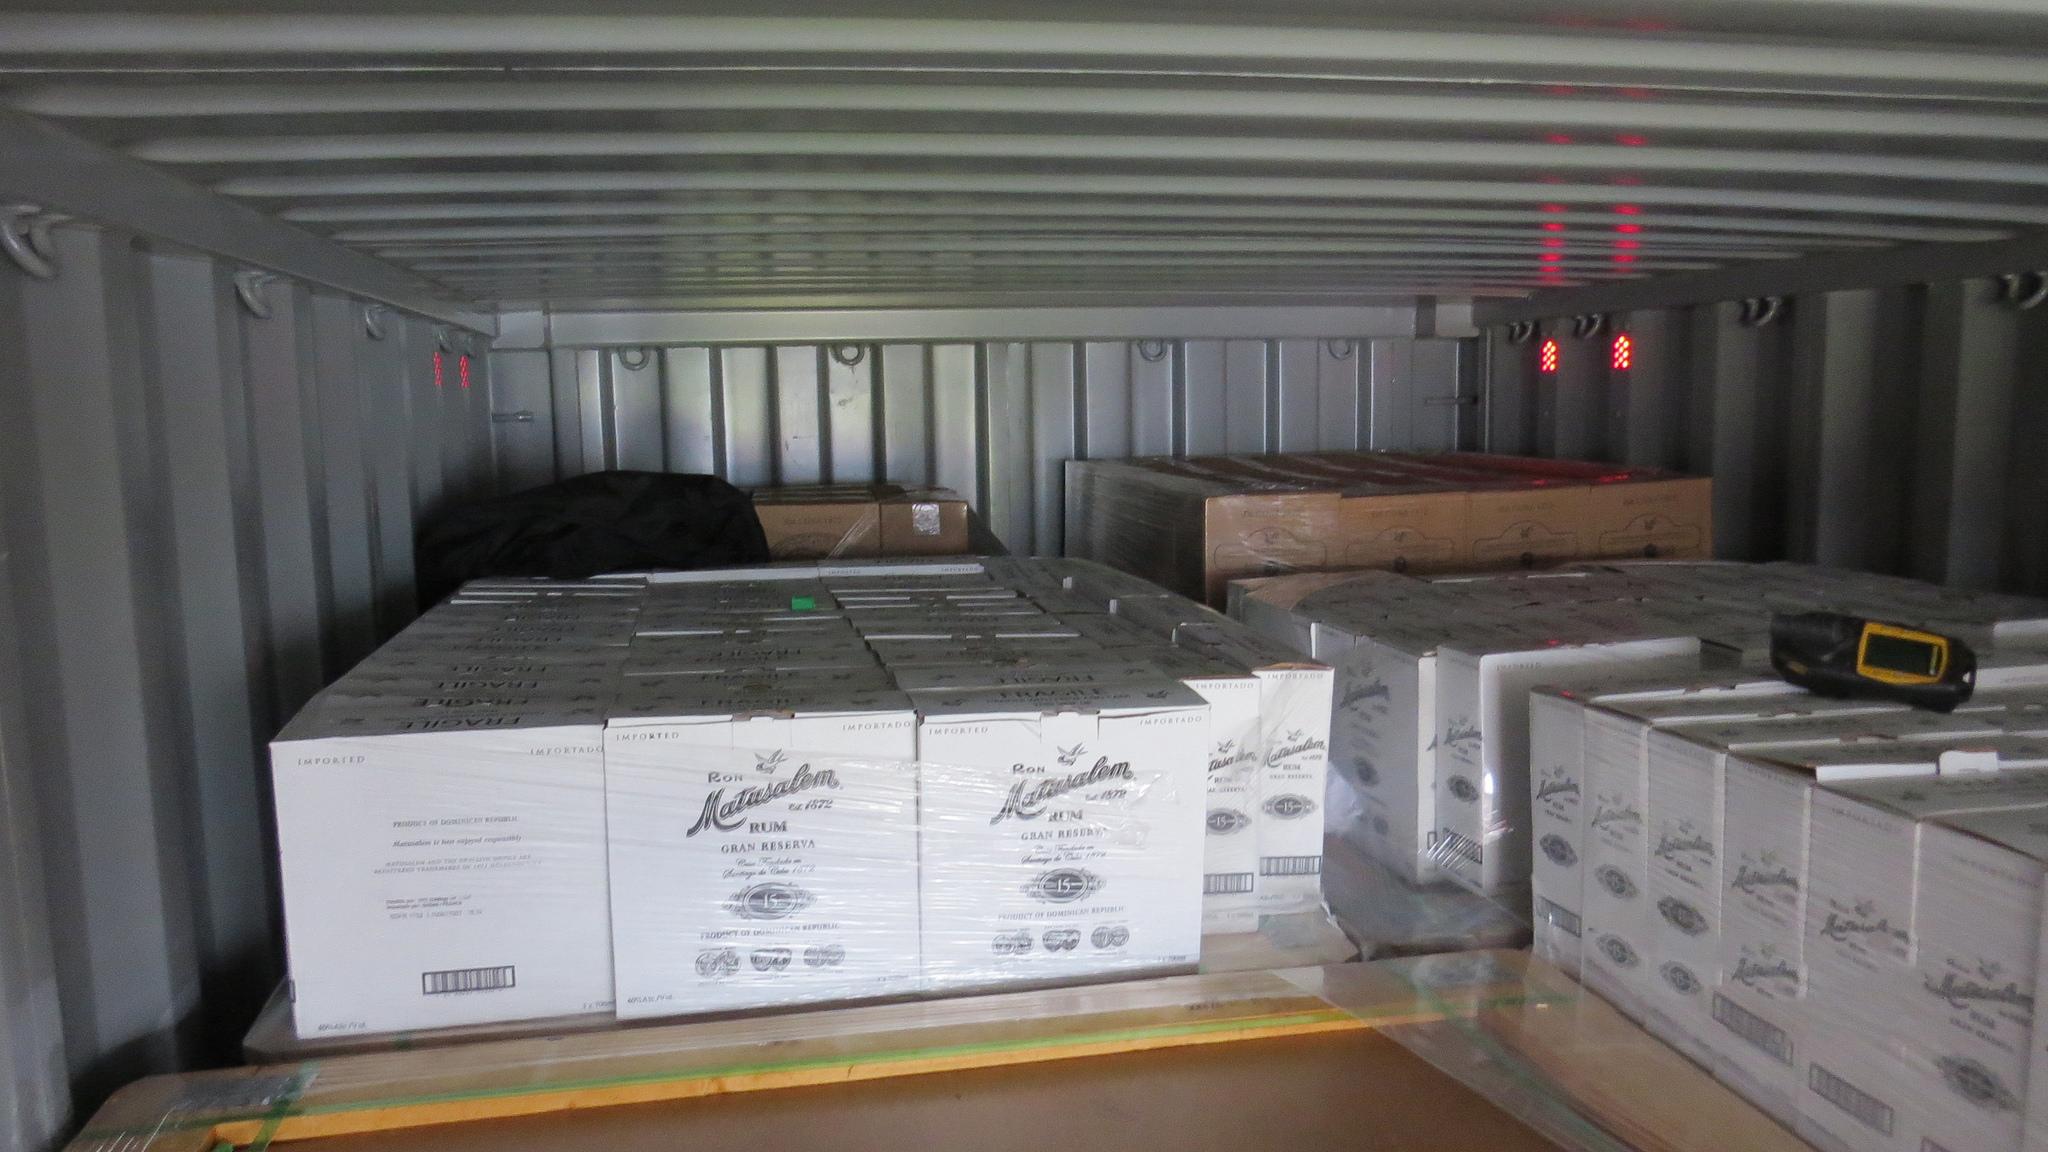 Plusieurs sacs remplis de cocaïne se trouvaient dans le contenur parmi des cartons de bouteilles de rhum (Photo © Douane)